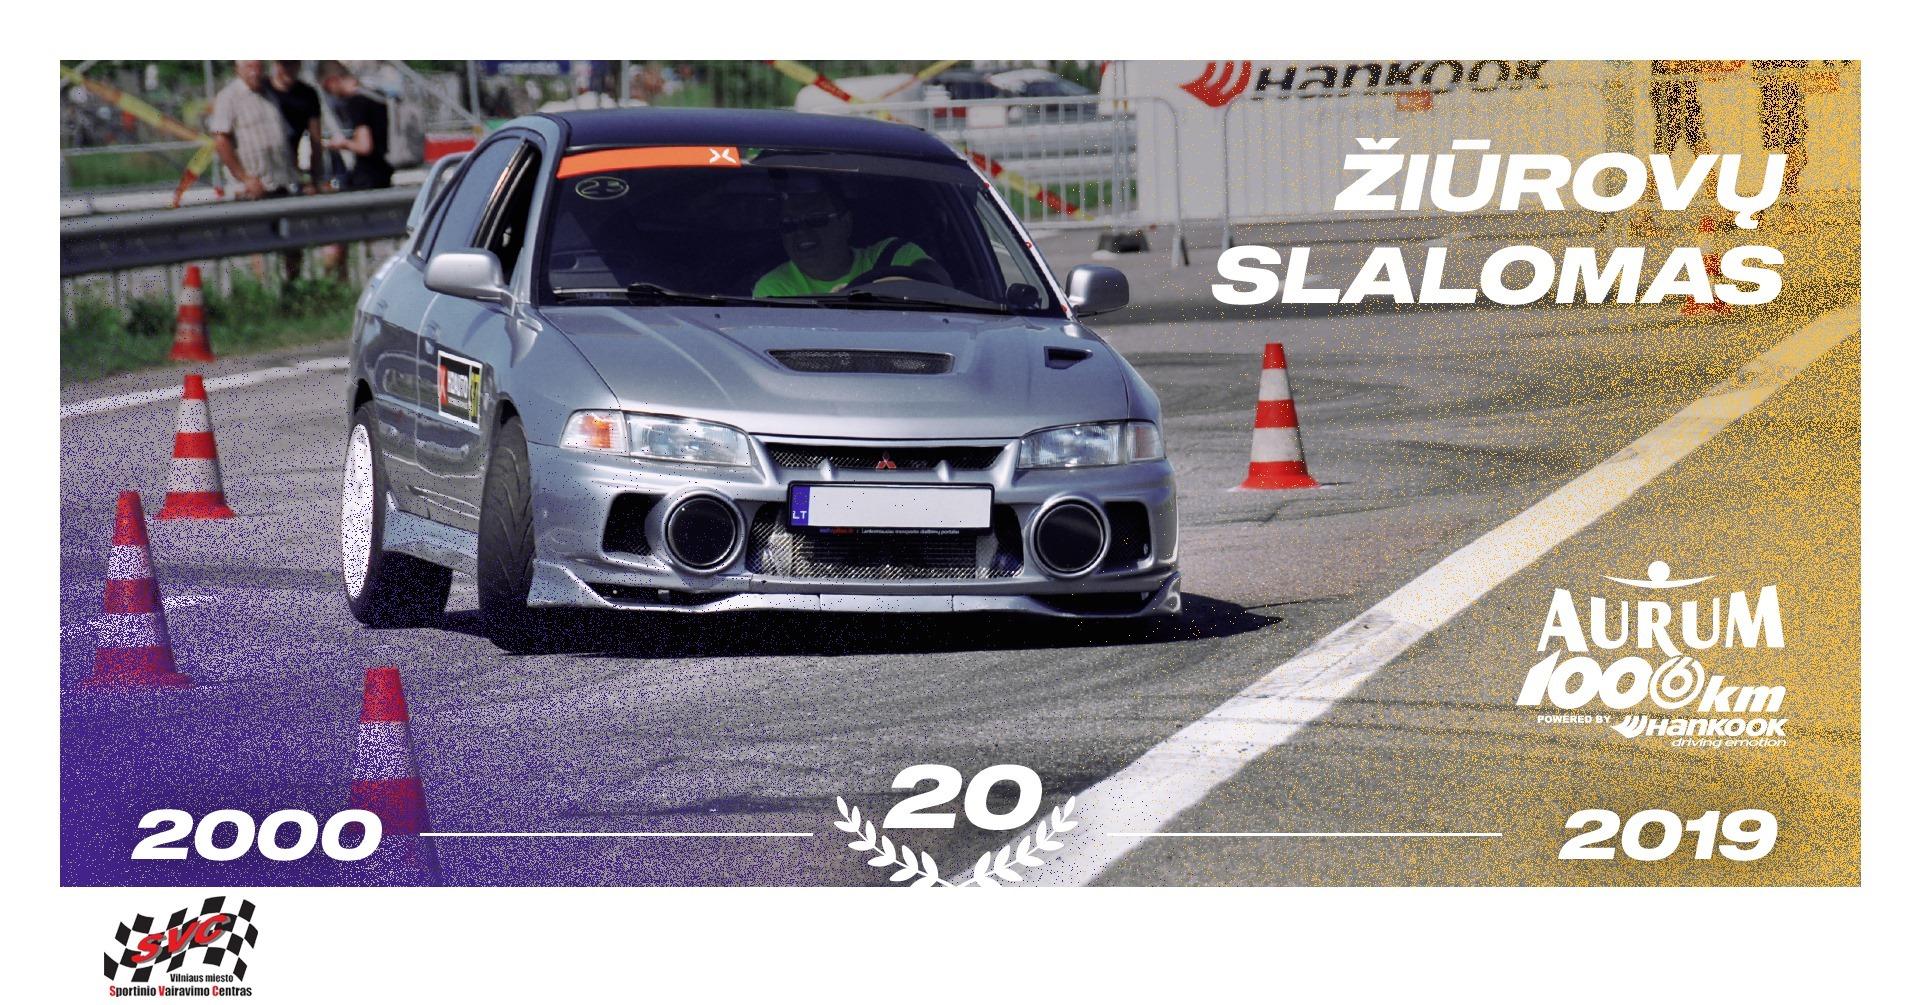 Žiūrovų slalomas // Aurum 1006 km